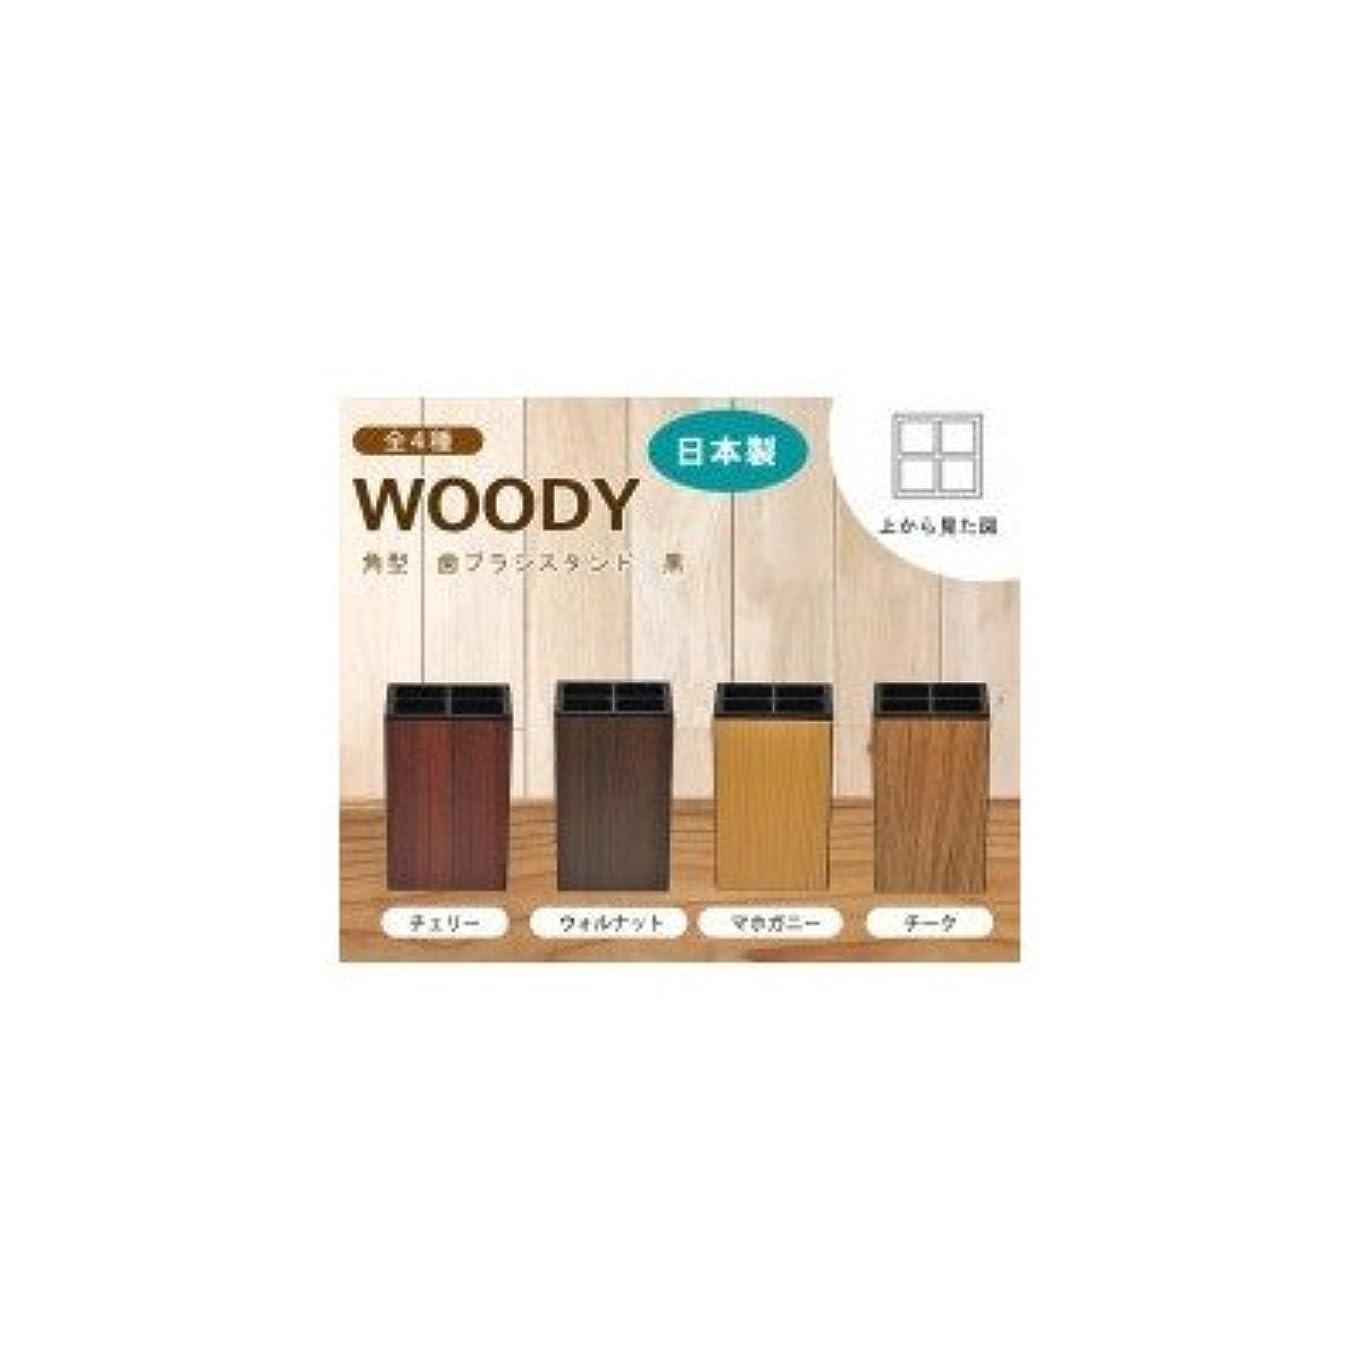 夜明けにモンゴメリーエンティティ日本製 WOODY ウッディ 角型 歯ブラシスタンド 黒 ウォルナット・13-450345( 画像はイメージ画像です お届けの商品はウォルナット・13-450345のみとなります)